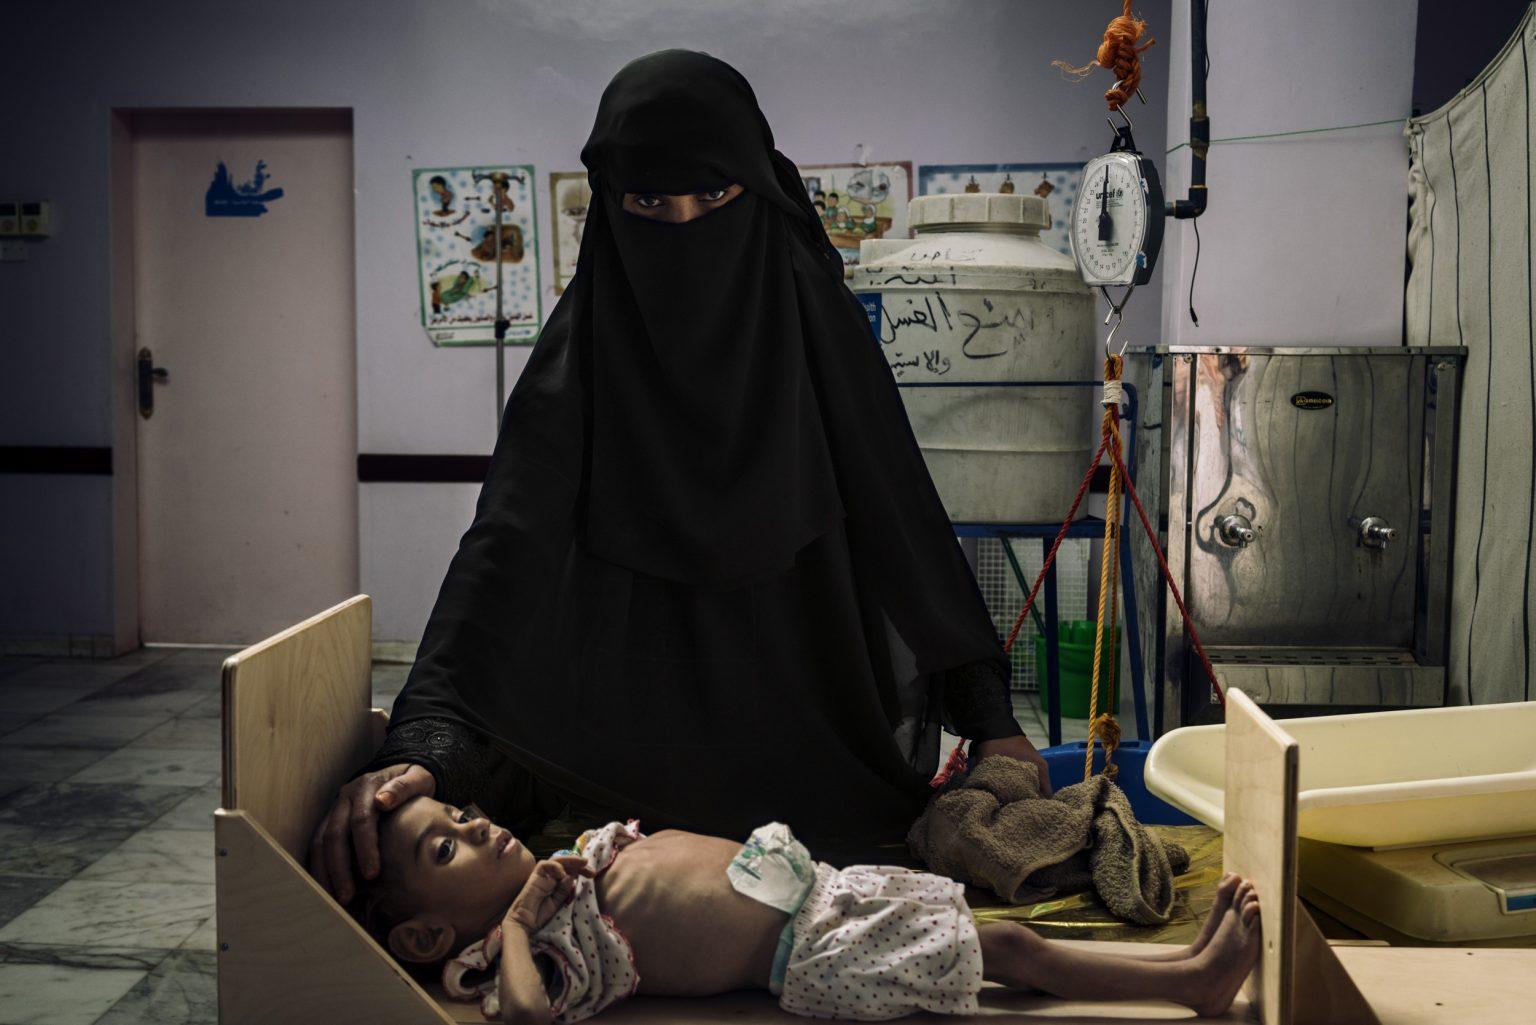 *** SPECIAL   FEE   APPLIES ***Aslam, Yemen, December 8th, 2018 - Fatima Ahmed stands near her daughter Nada while she undergoes the procedure to be admitted in at the clinic in Aslam. The young Nada is 5 years old and severely malnourished. >< Aslam, Yemen, 8 dicembre 2018 -  Fatima Ahmed rassicura la figlia Nada mentre è sottoposta alla procedura per essere ammessa nella clinica di Aslam. La giovane Nada ha 5 anni e è gravemente malnutrita *** Local Caption *** 01362929